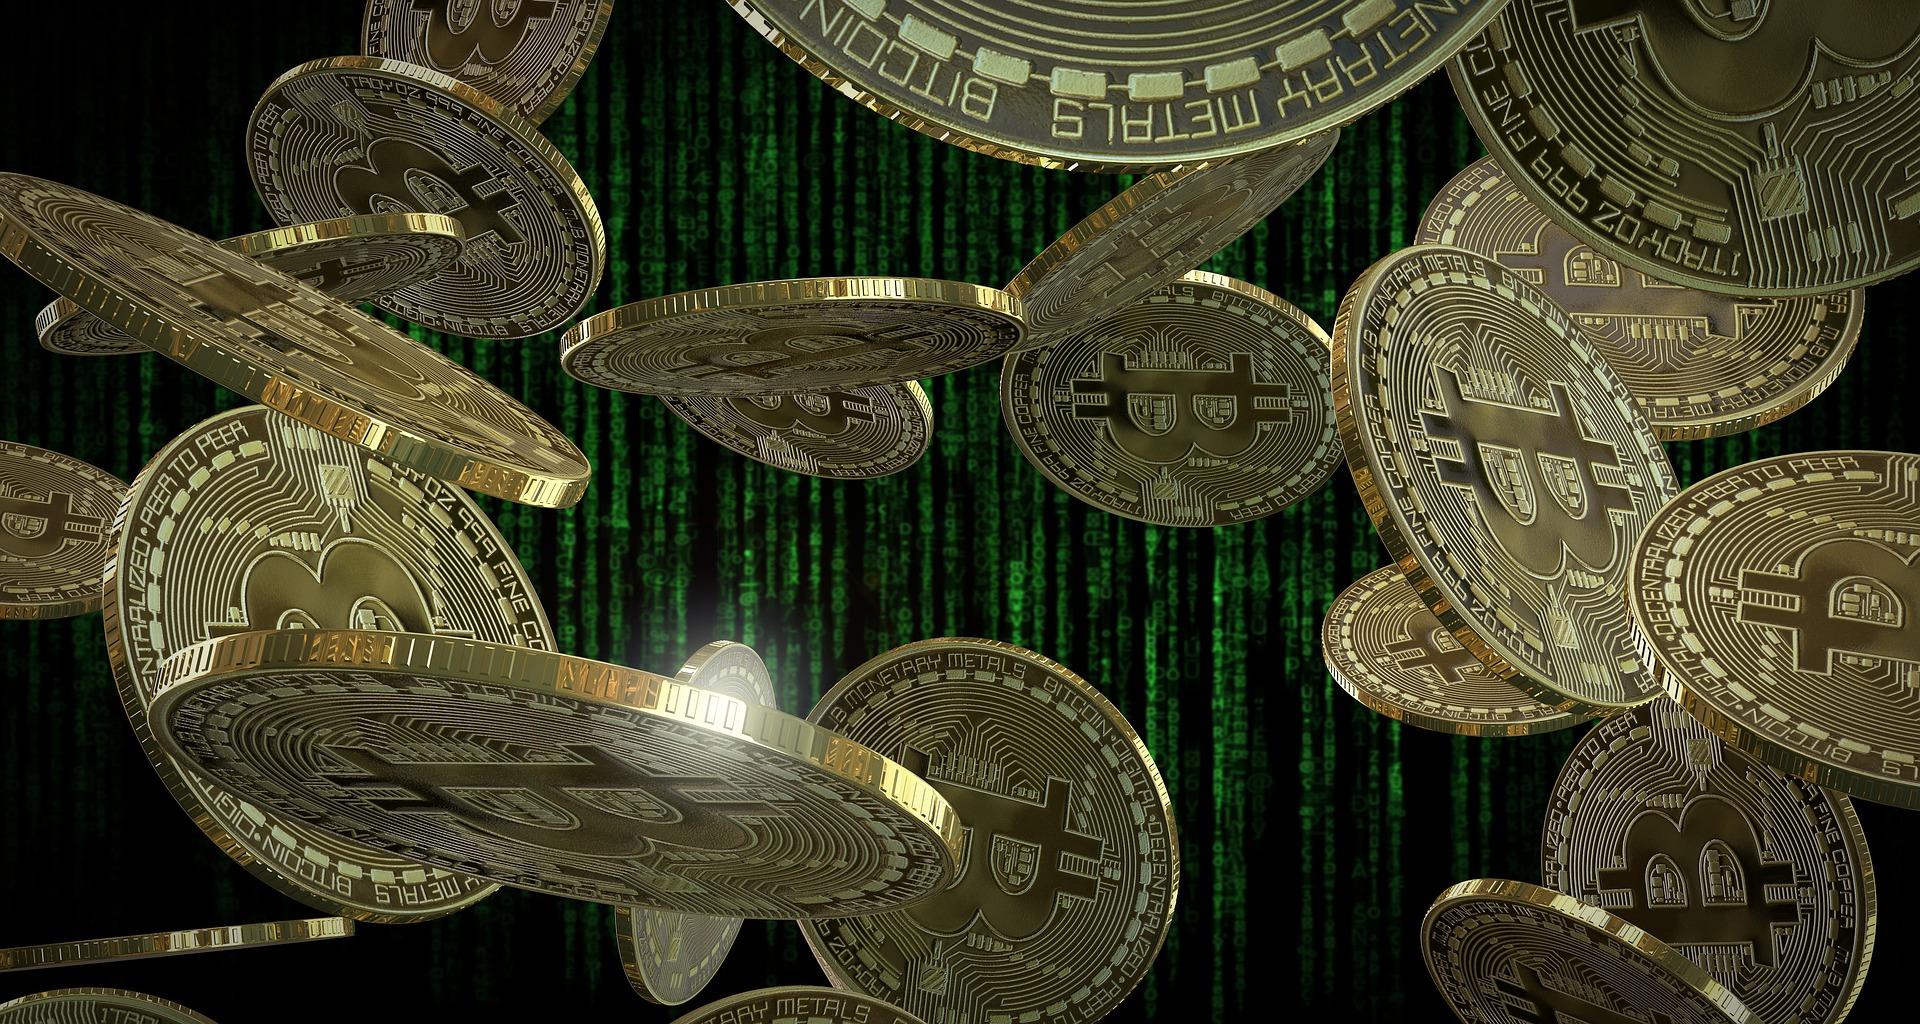 Mineradores de Bitcoin ganham 1 BTC em taxas de transação no blockchain